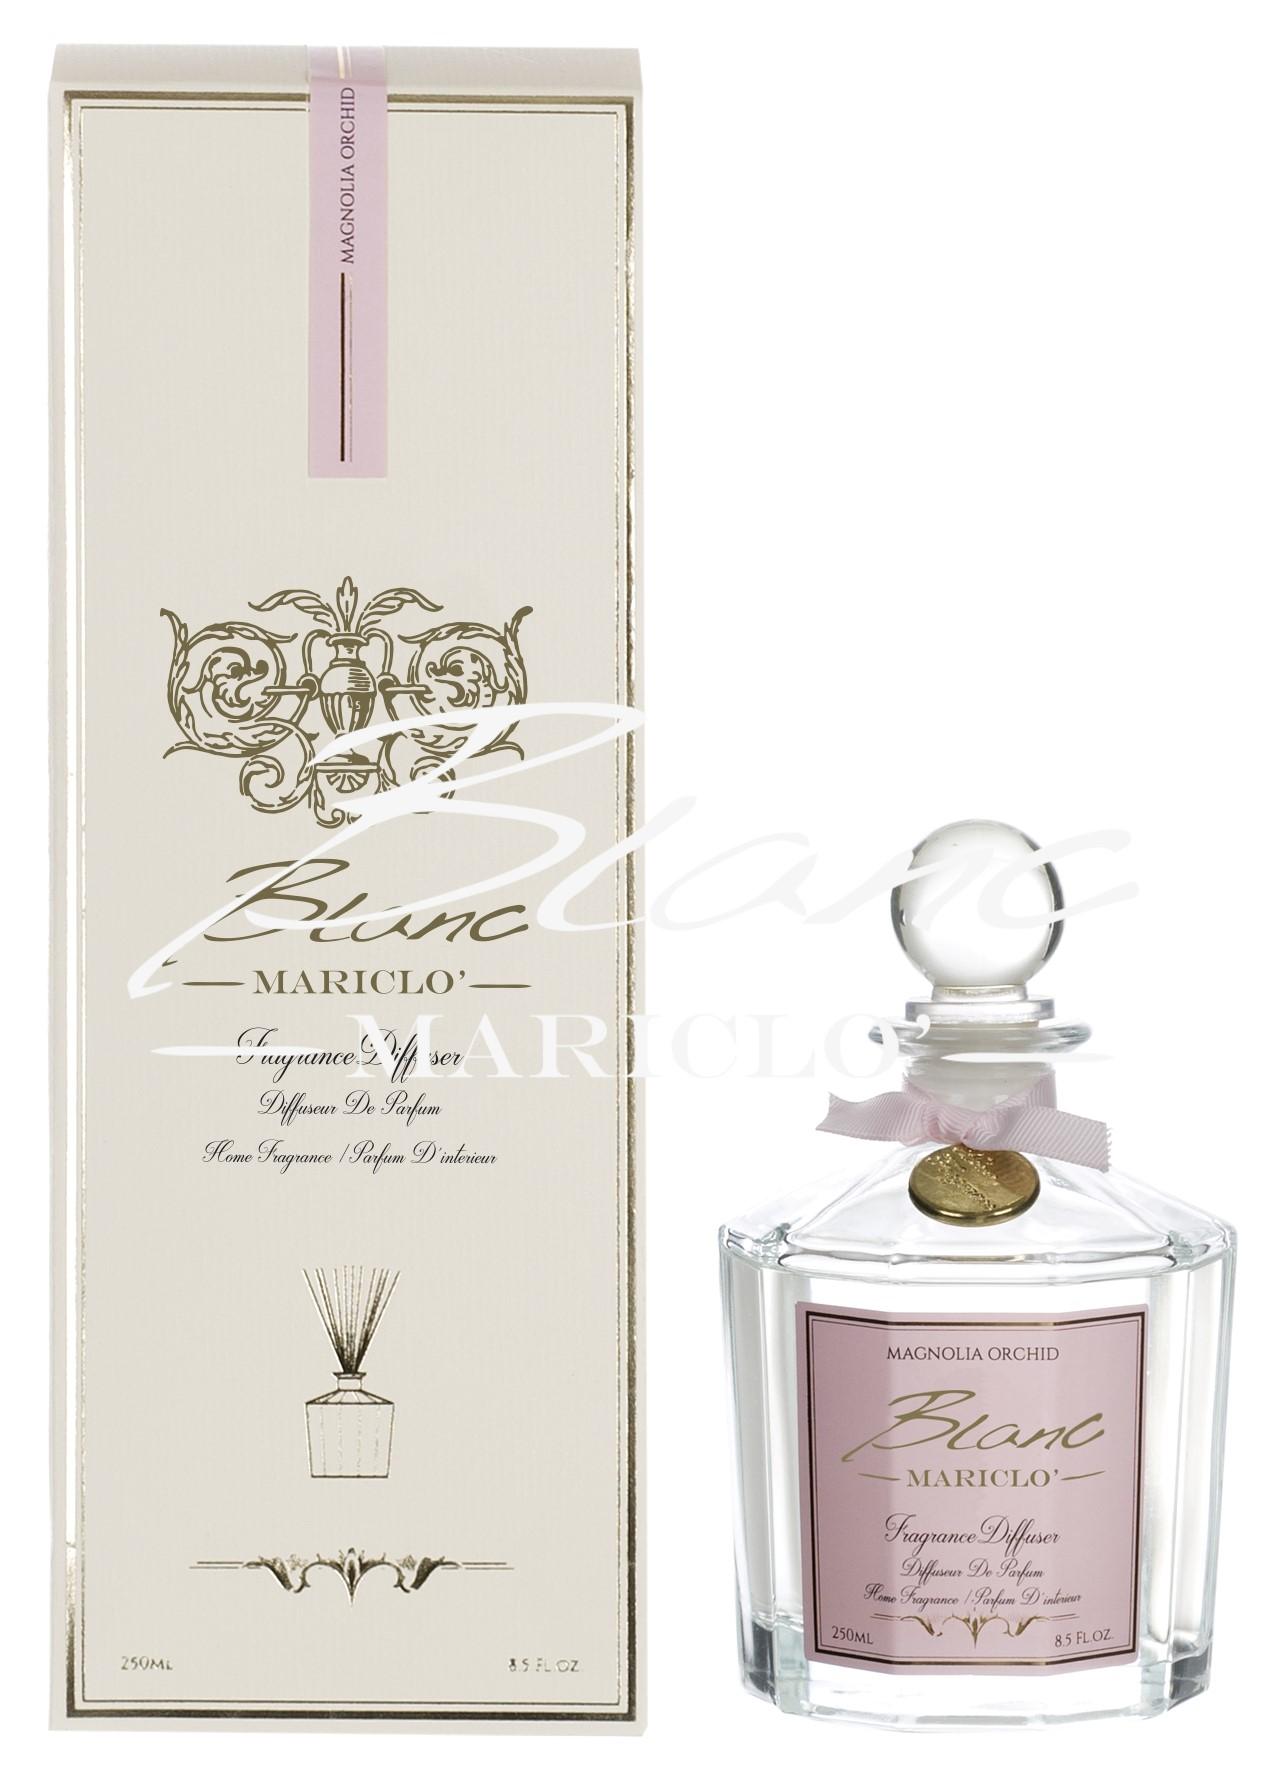 Diffusore Carmen Collection Blanc Mariclo